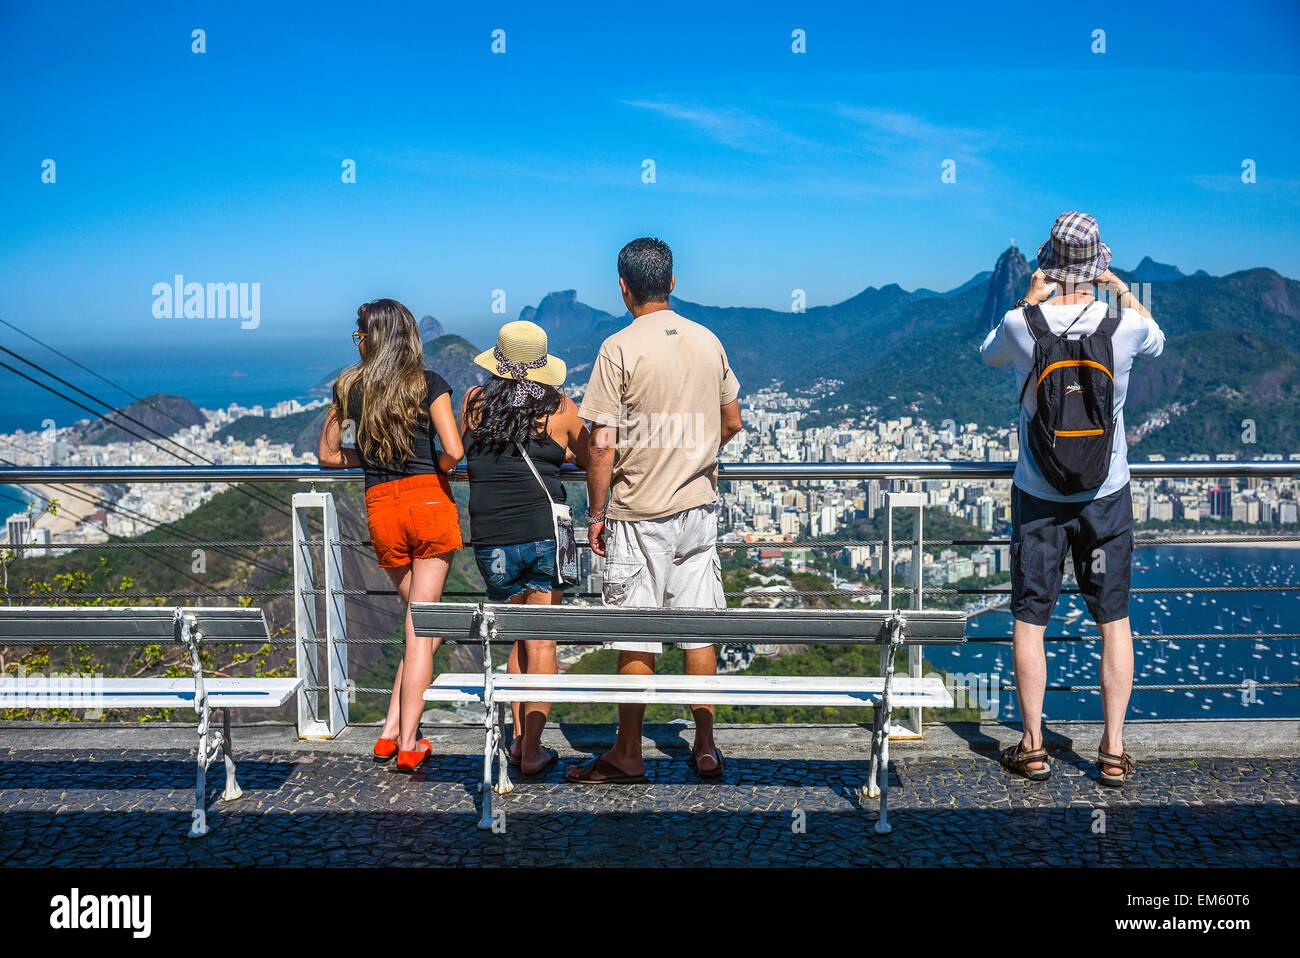 Brasil, Rio de Janeiro, los turistas mirando a la bahía de Botafogo desde el Pao de Acucar (Sugarloaf Mountain) Imagen De Stock